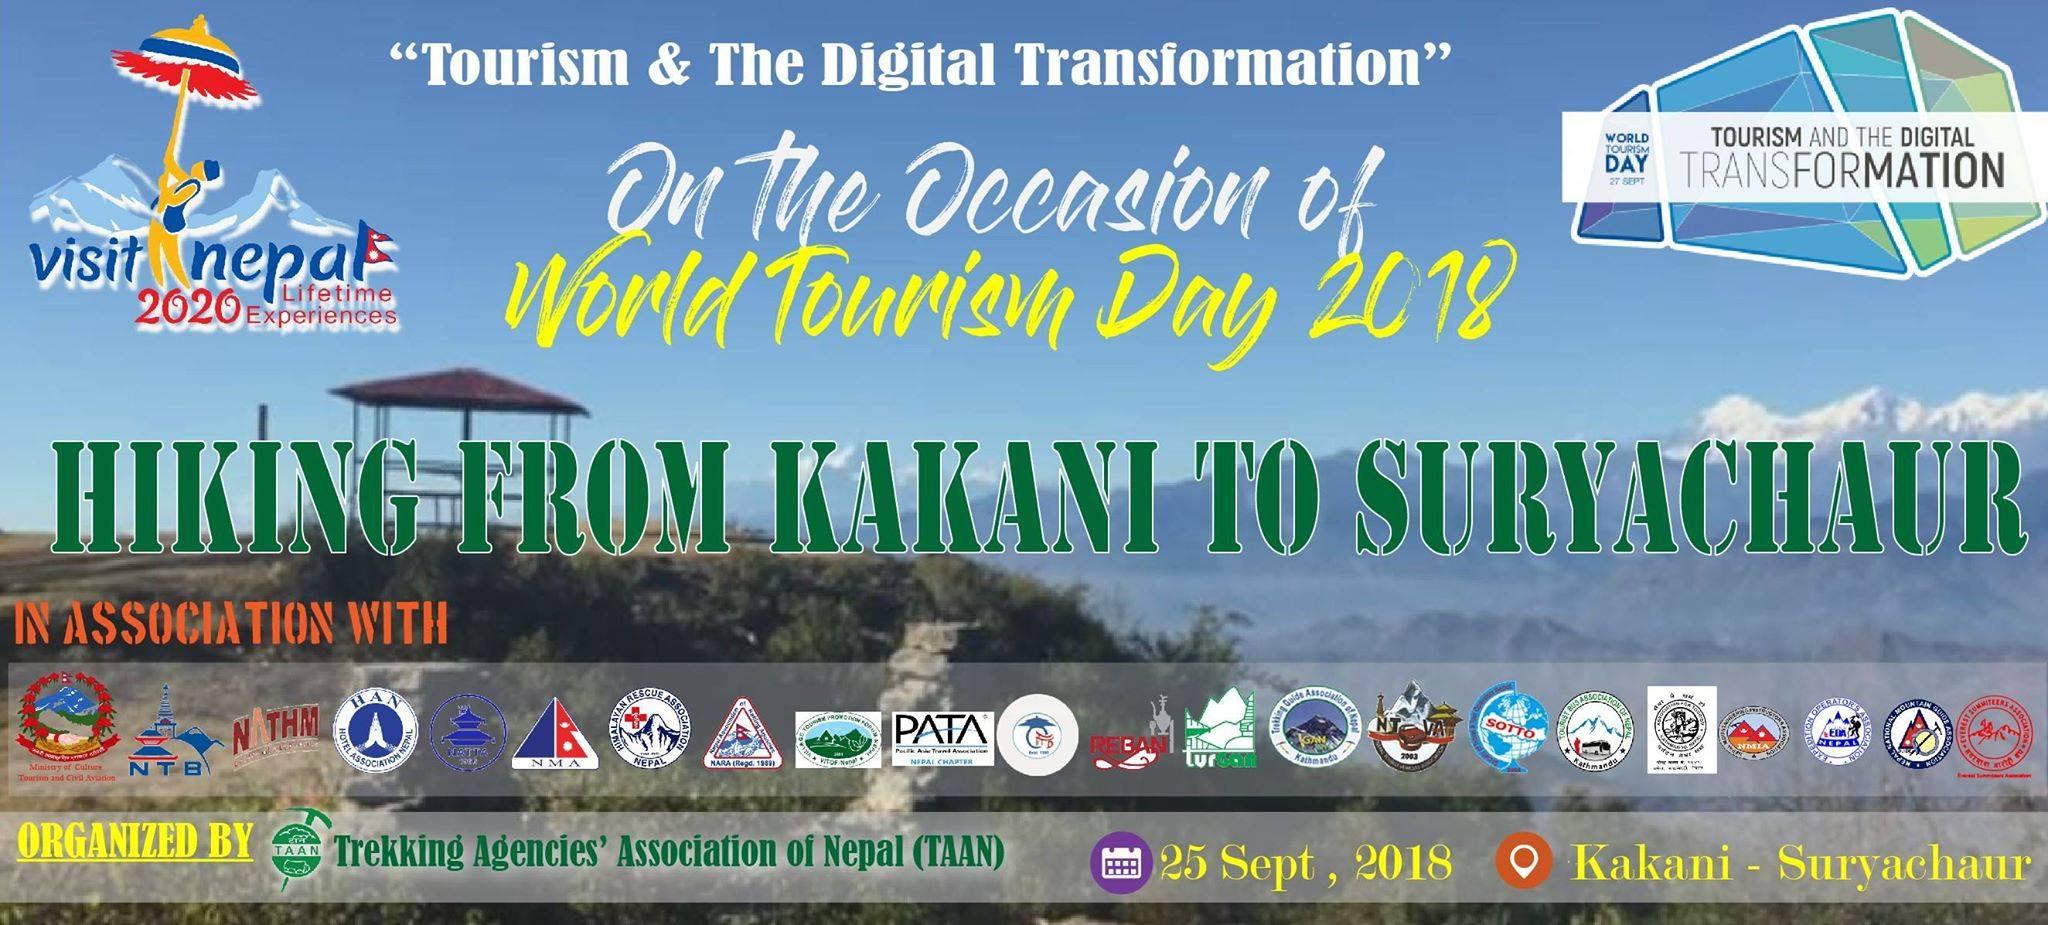 विश्व पर्यटन दिवसको अवसरमा टानको हाइकिङ कार्यक्रम